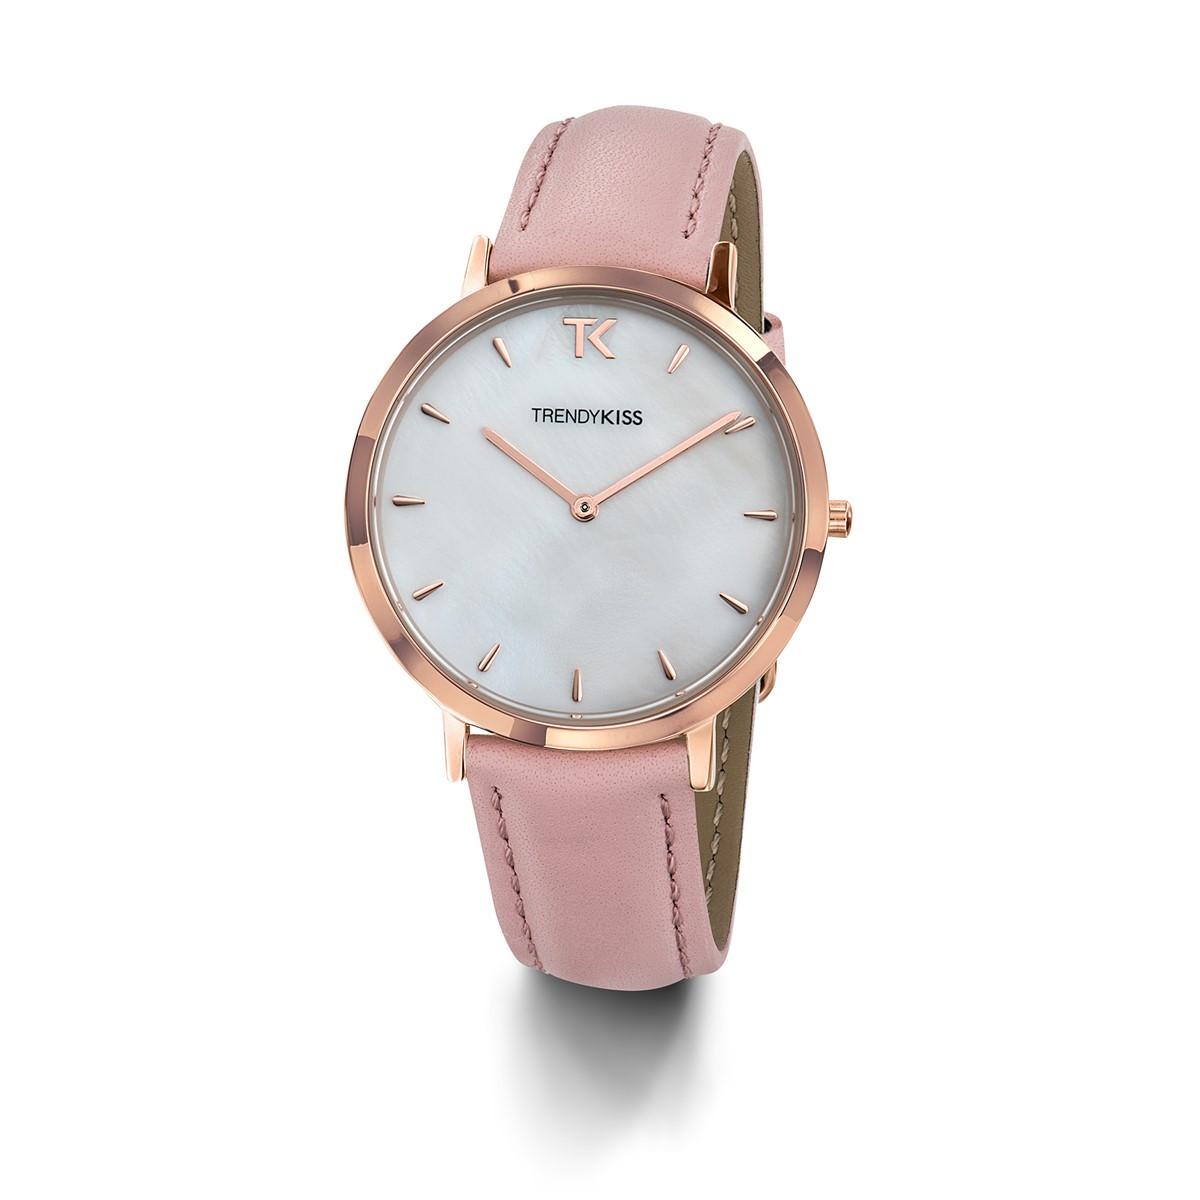 c38a39e601 Montre femme Trendy Kiss Lovisa bracelet cuir véritable - Femme ...